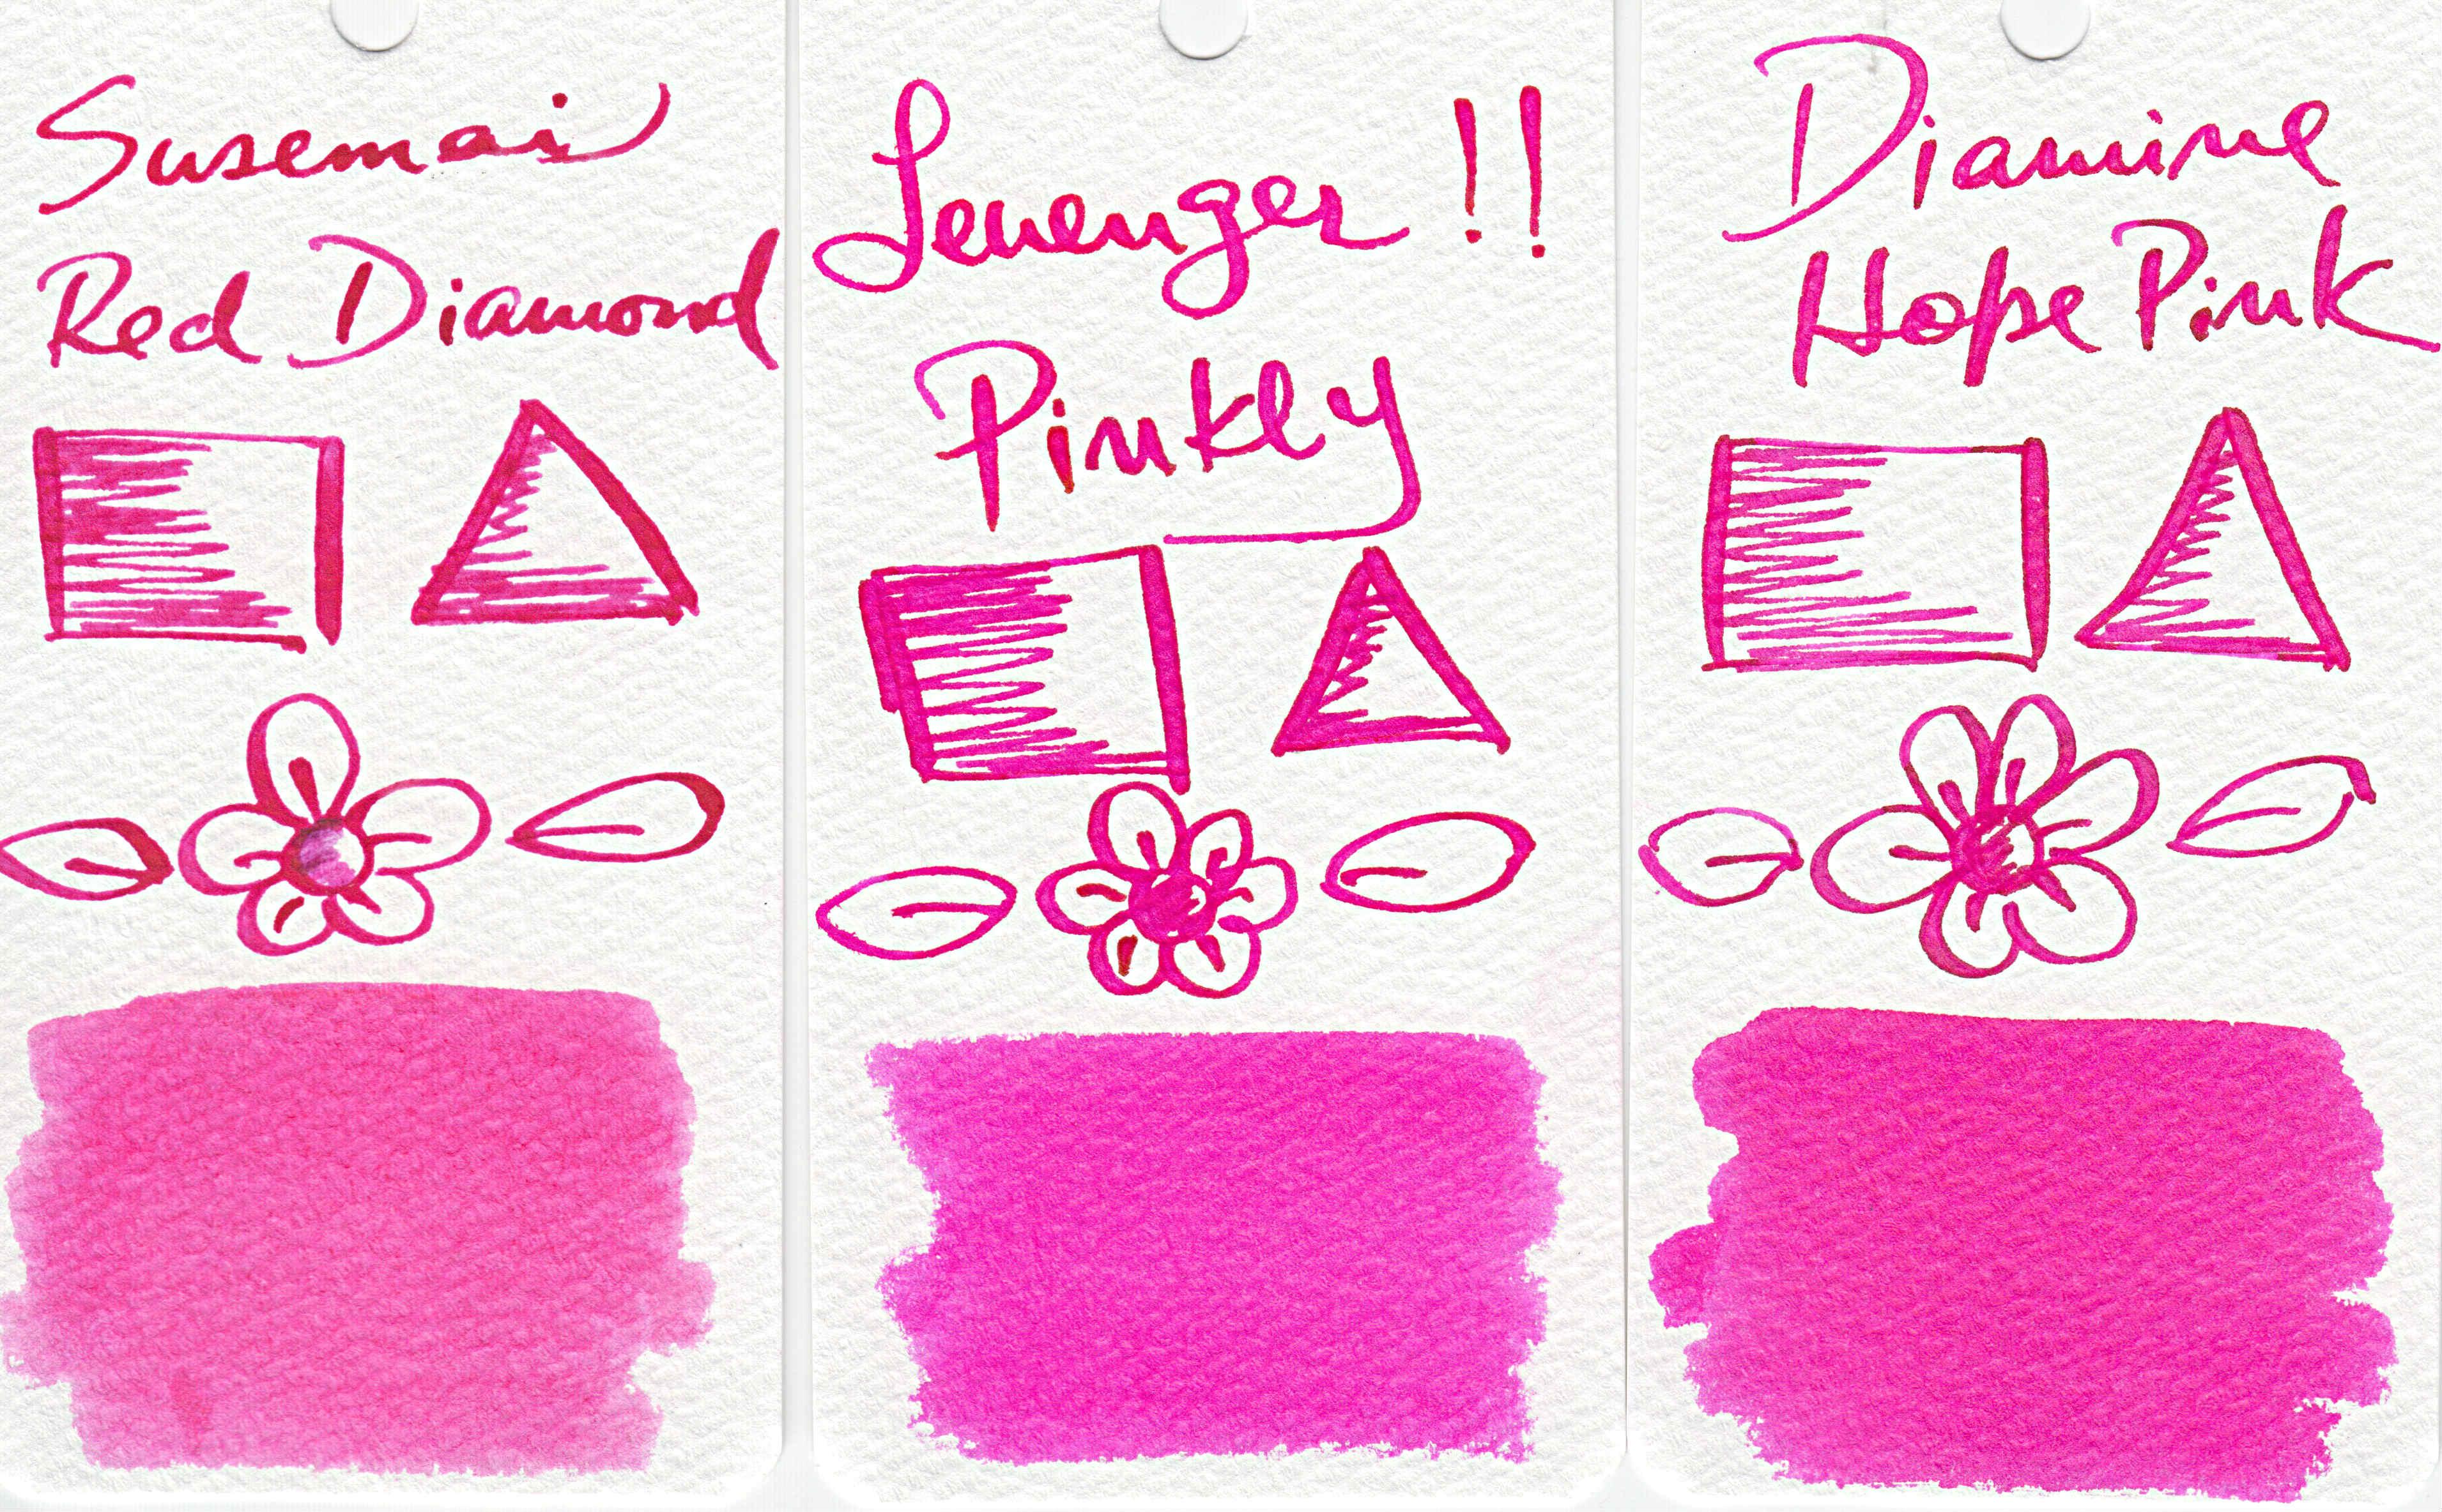 fpn_1409284960__comp_pinkly1.jpg